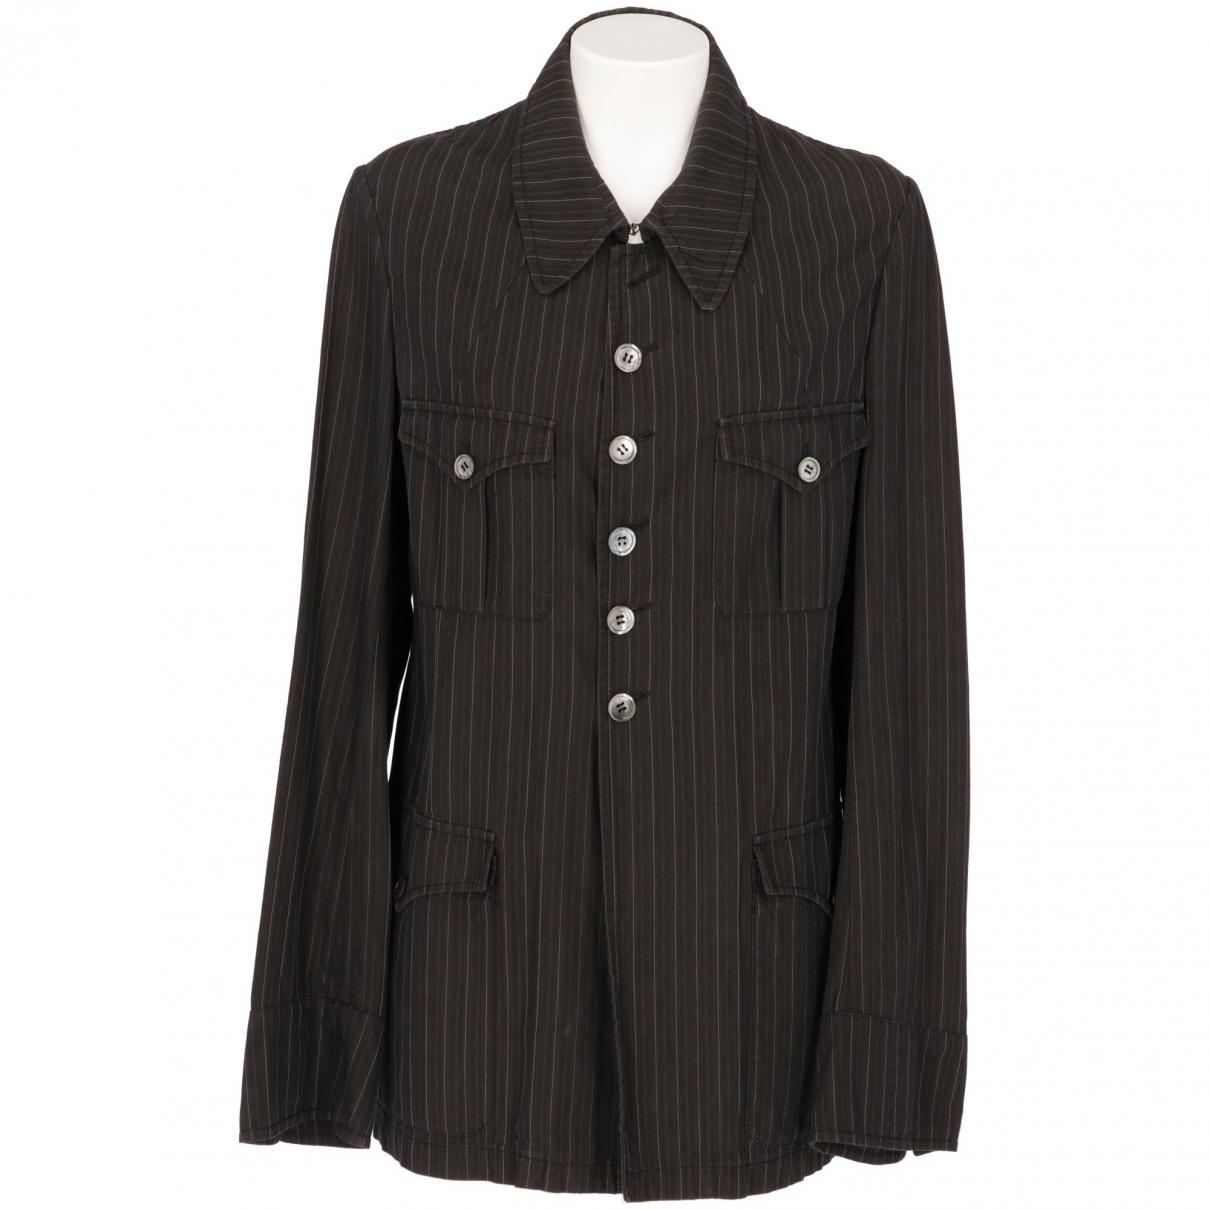 Antonio Marras - Veste   pour femme en coton - gris